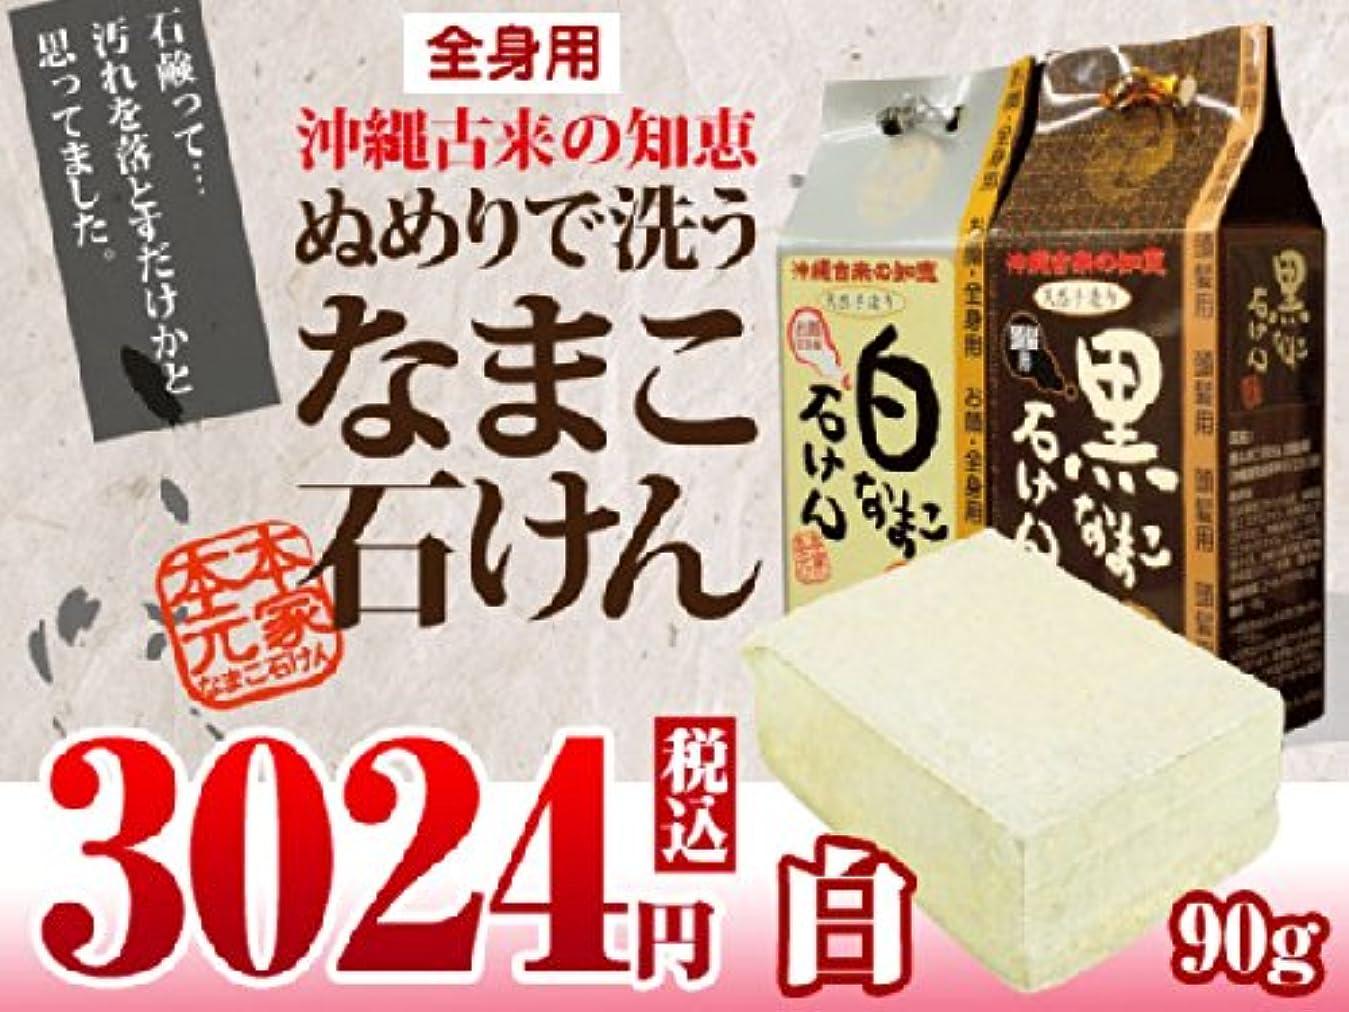 フレッシュチューリップ長方形白なまこ石けん 箱入り なまこ石鹸 90g【全身用】 コラーゲンのぬめりで洗う